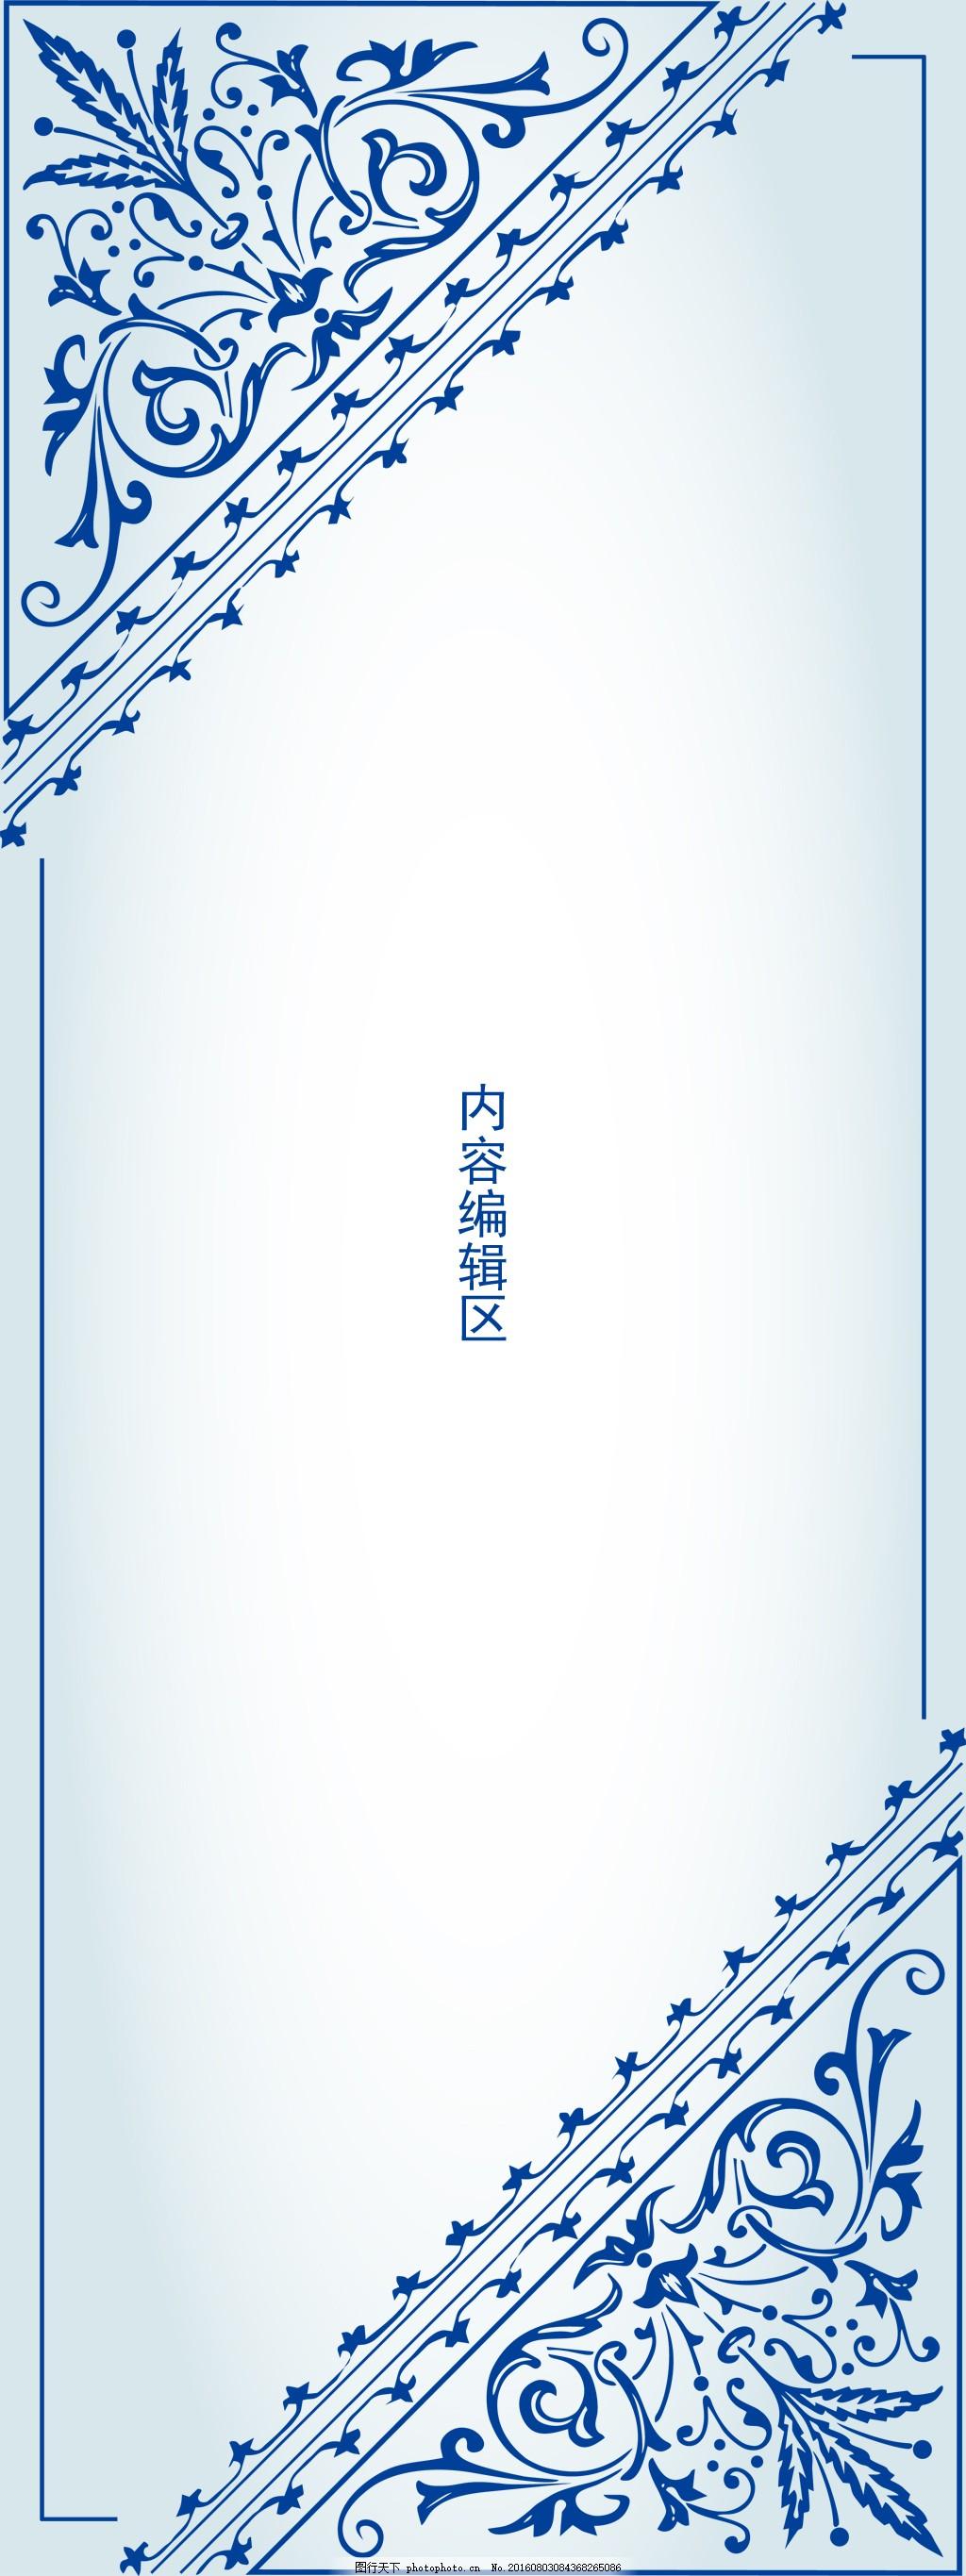 精美边框简约展架模板素材画面 边框简约背景 边框背景 边框商务展架